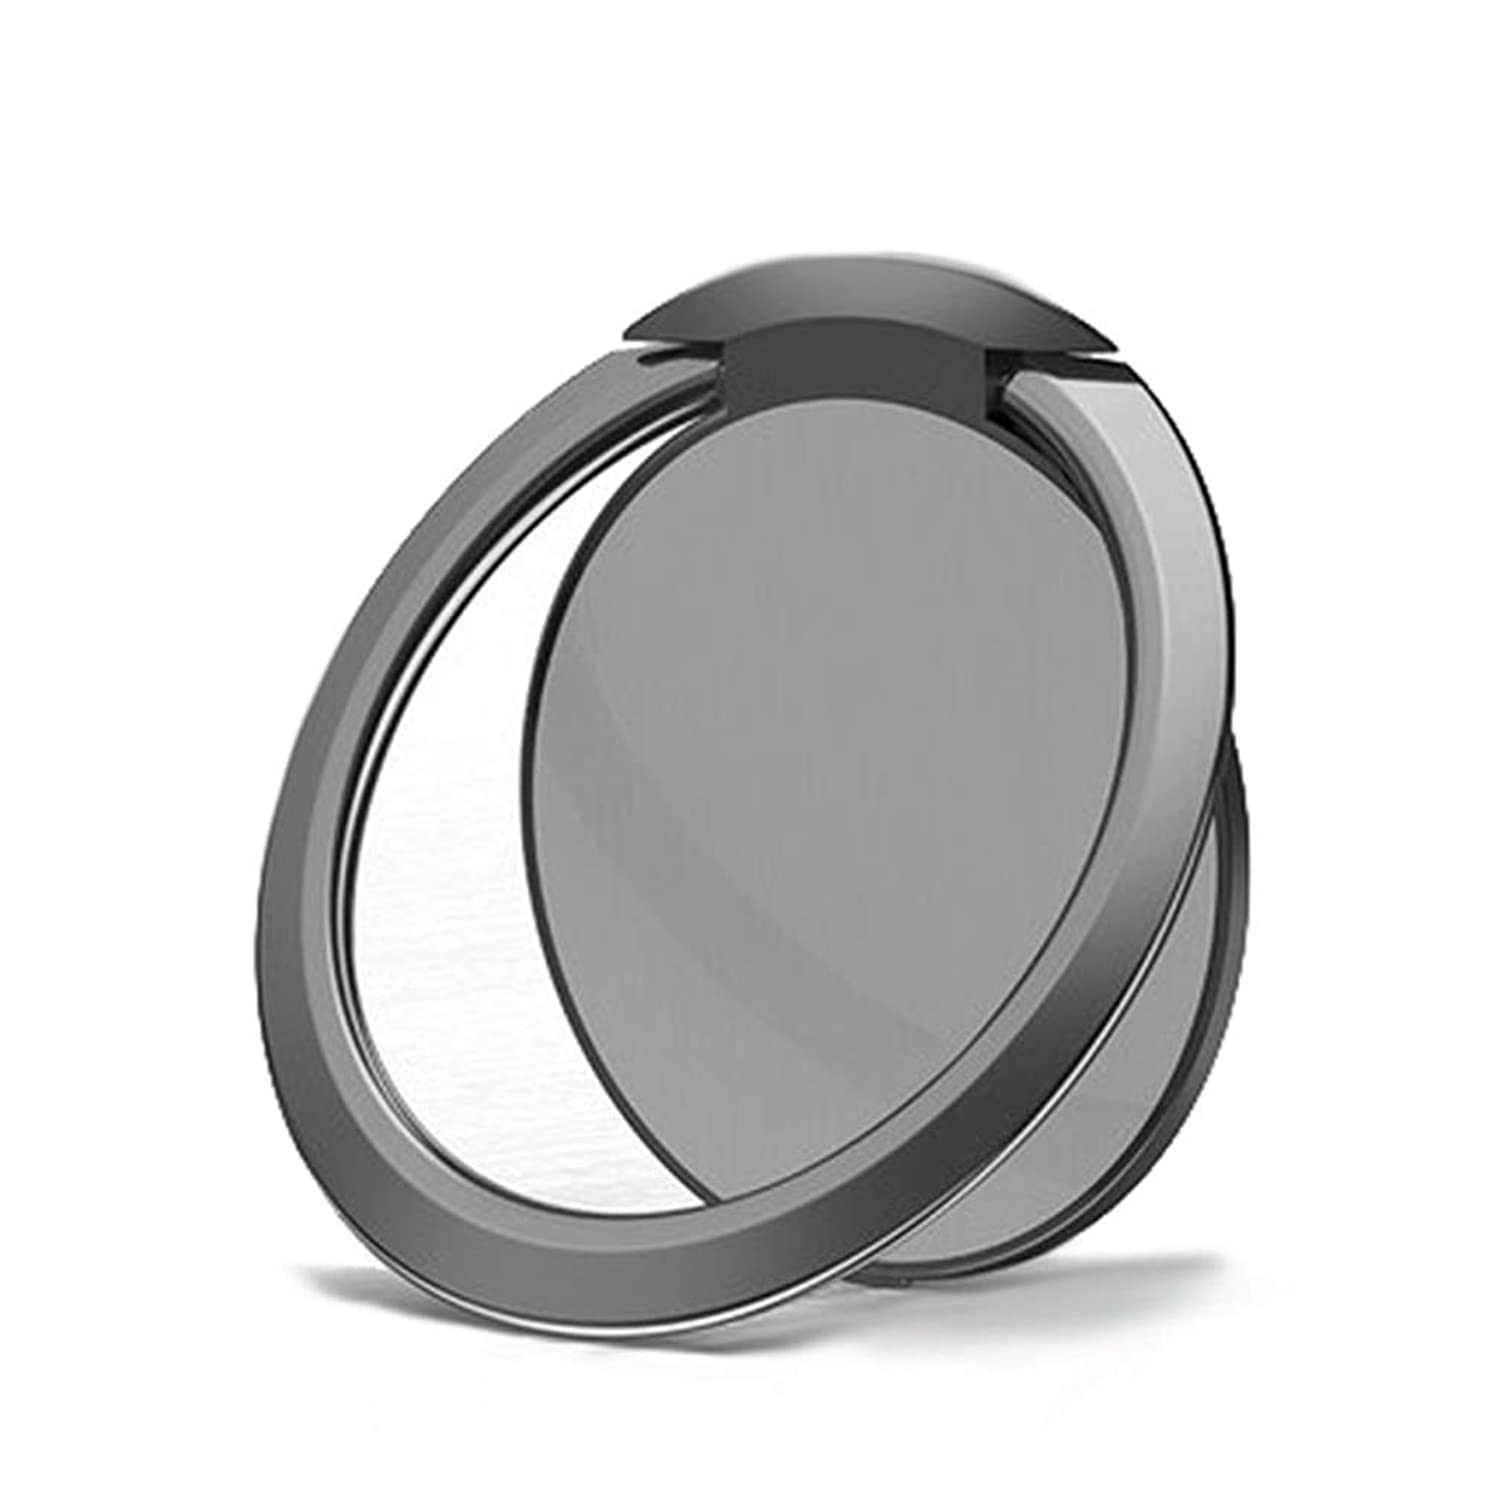 パレード食器棚トムオードリースYuJiny 超薄型 亜鉛合金製リングホルダー バンカーリング 落下防止 360度回転 ホールドリング iPhone Android多機種対応 (グレー)